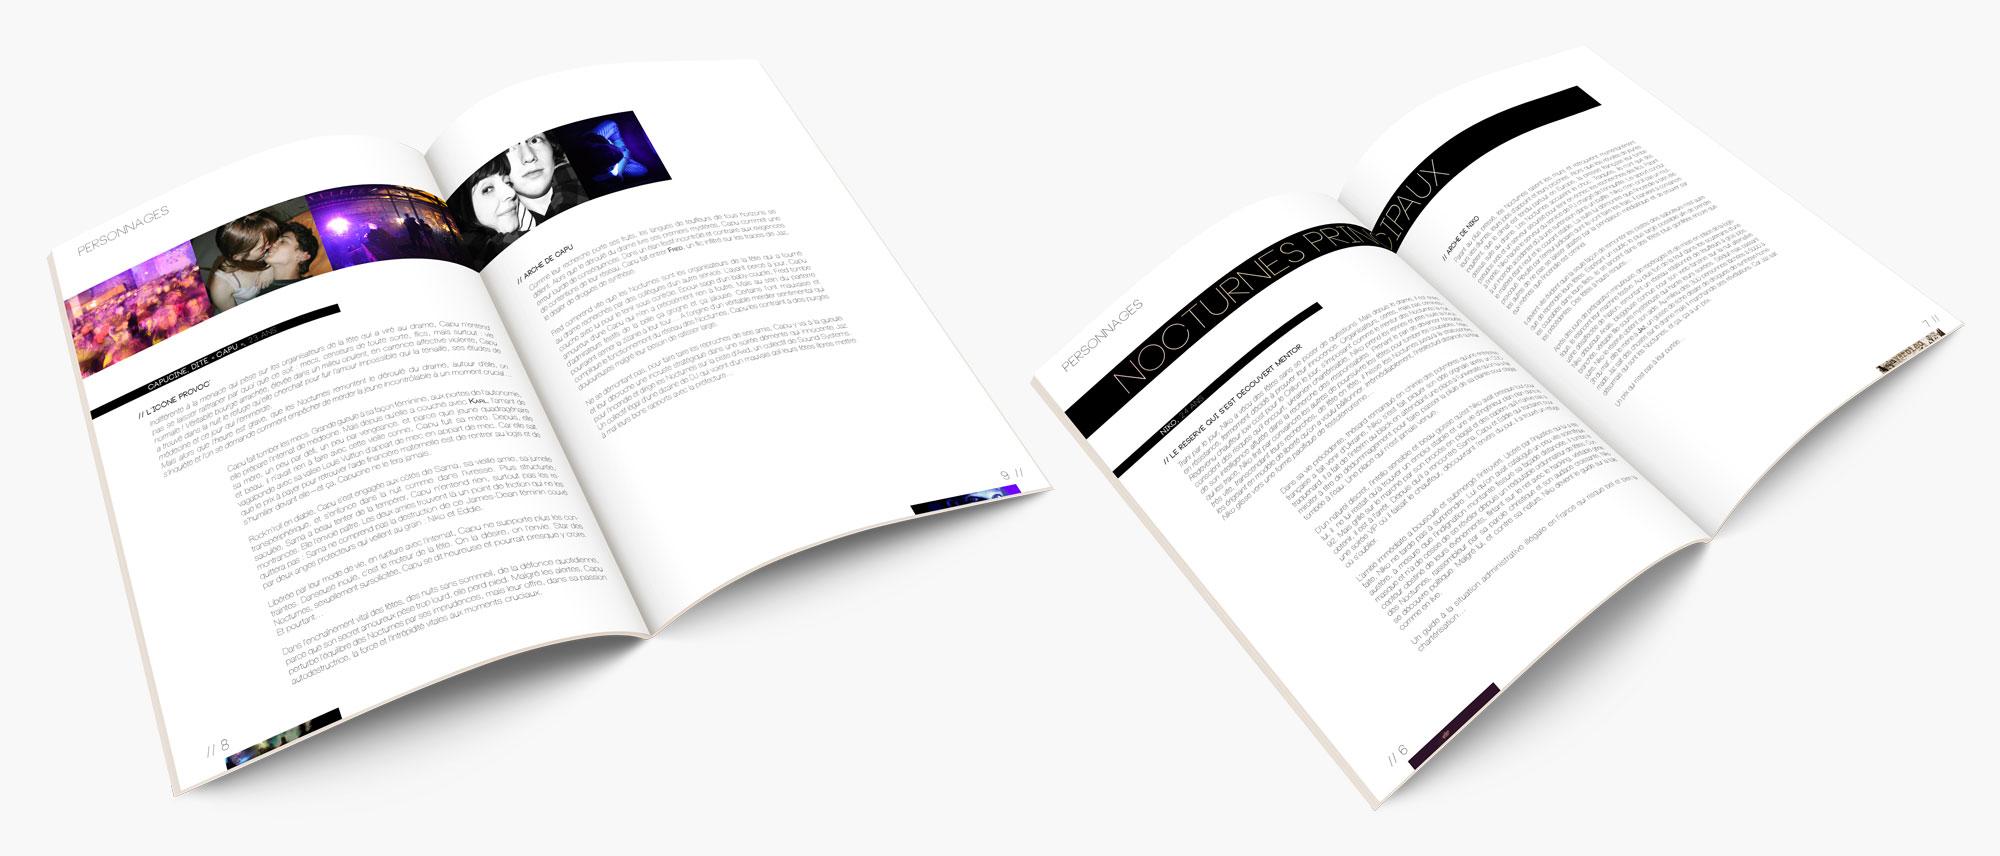 Les-Nocturnes_EXPORT_pages2